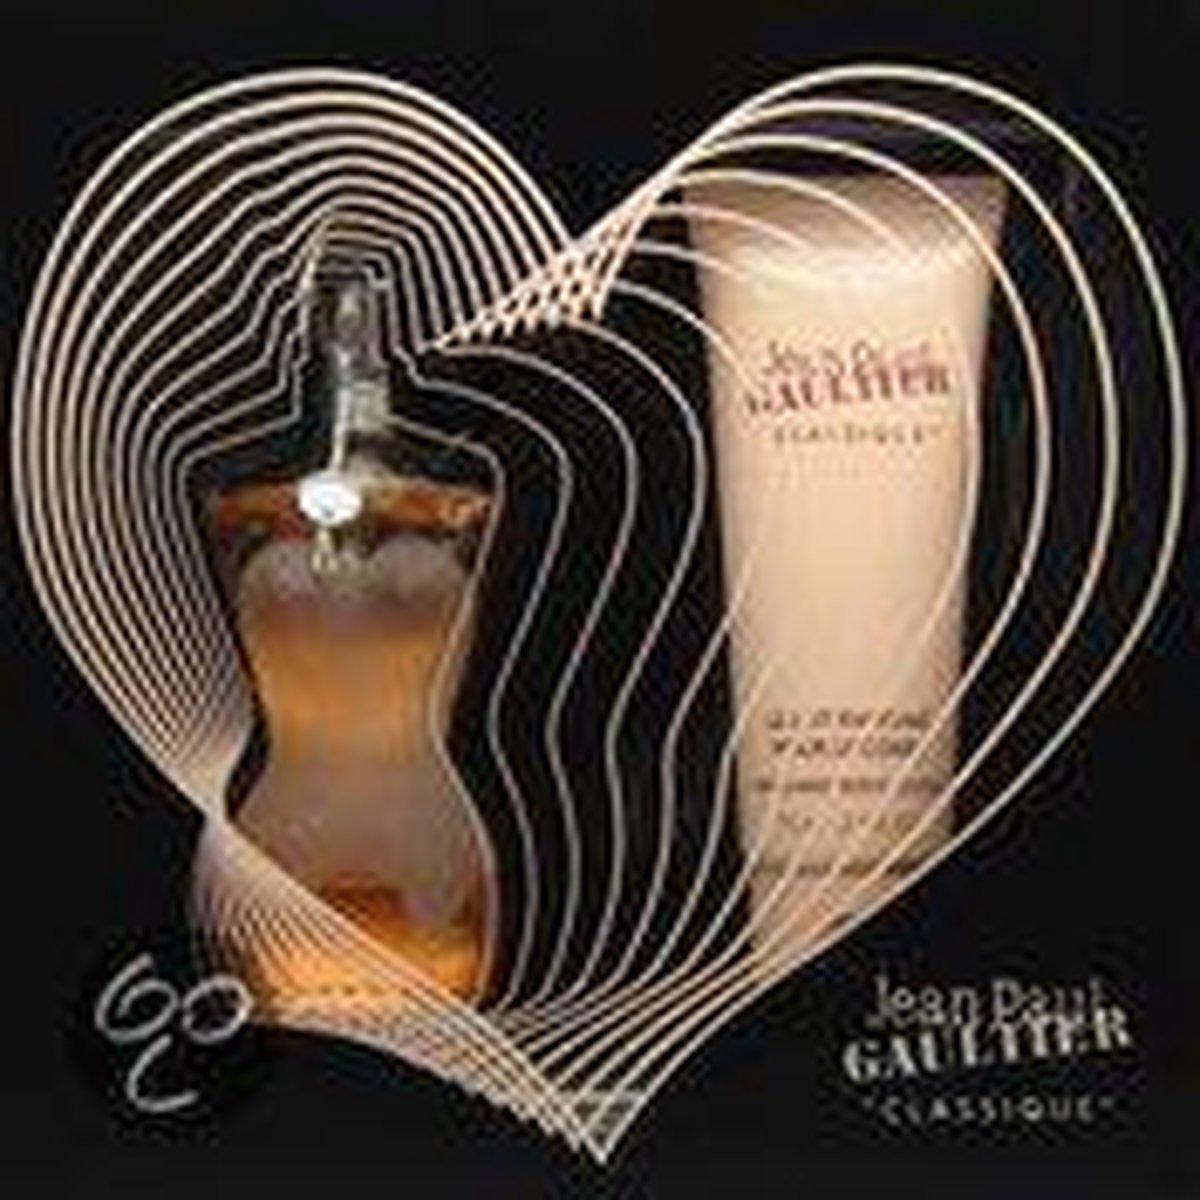 Jean Paul Gaultier Classique for Women - 2 delig - Geschenkset - Jean Paul Gaultier